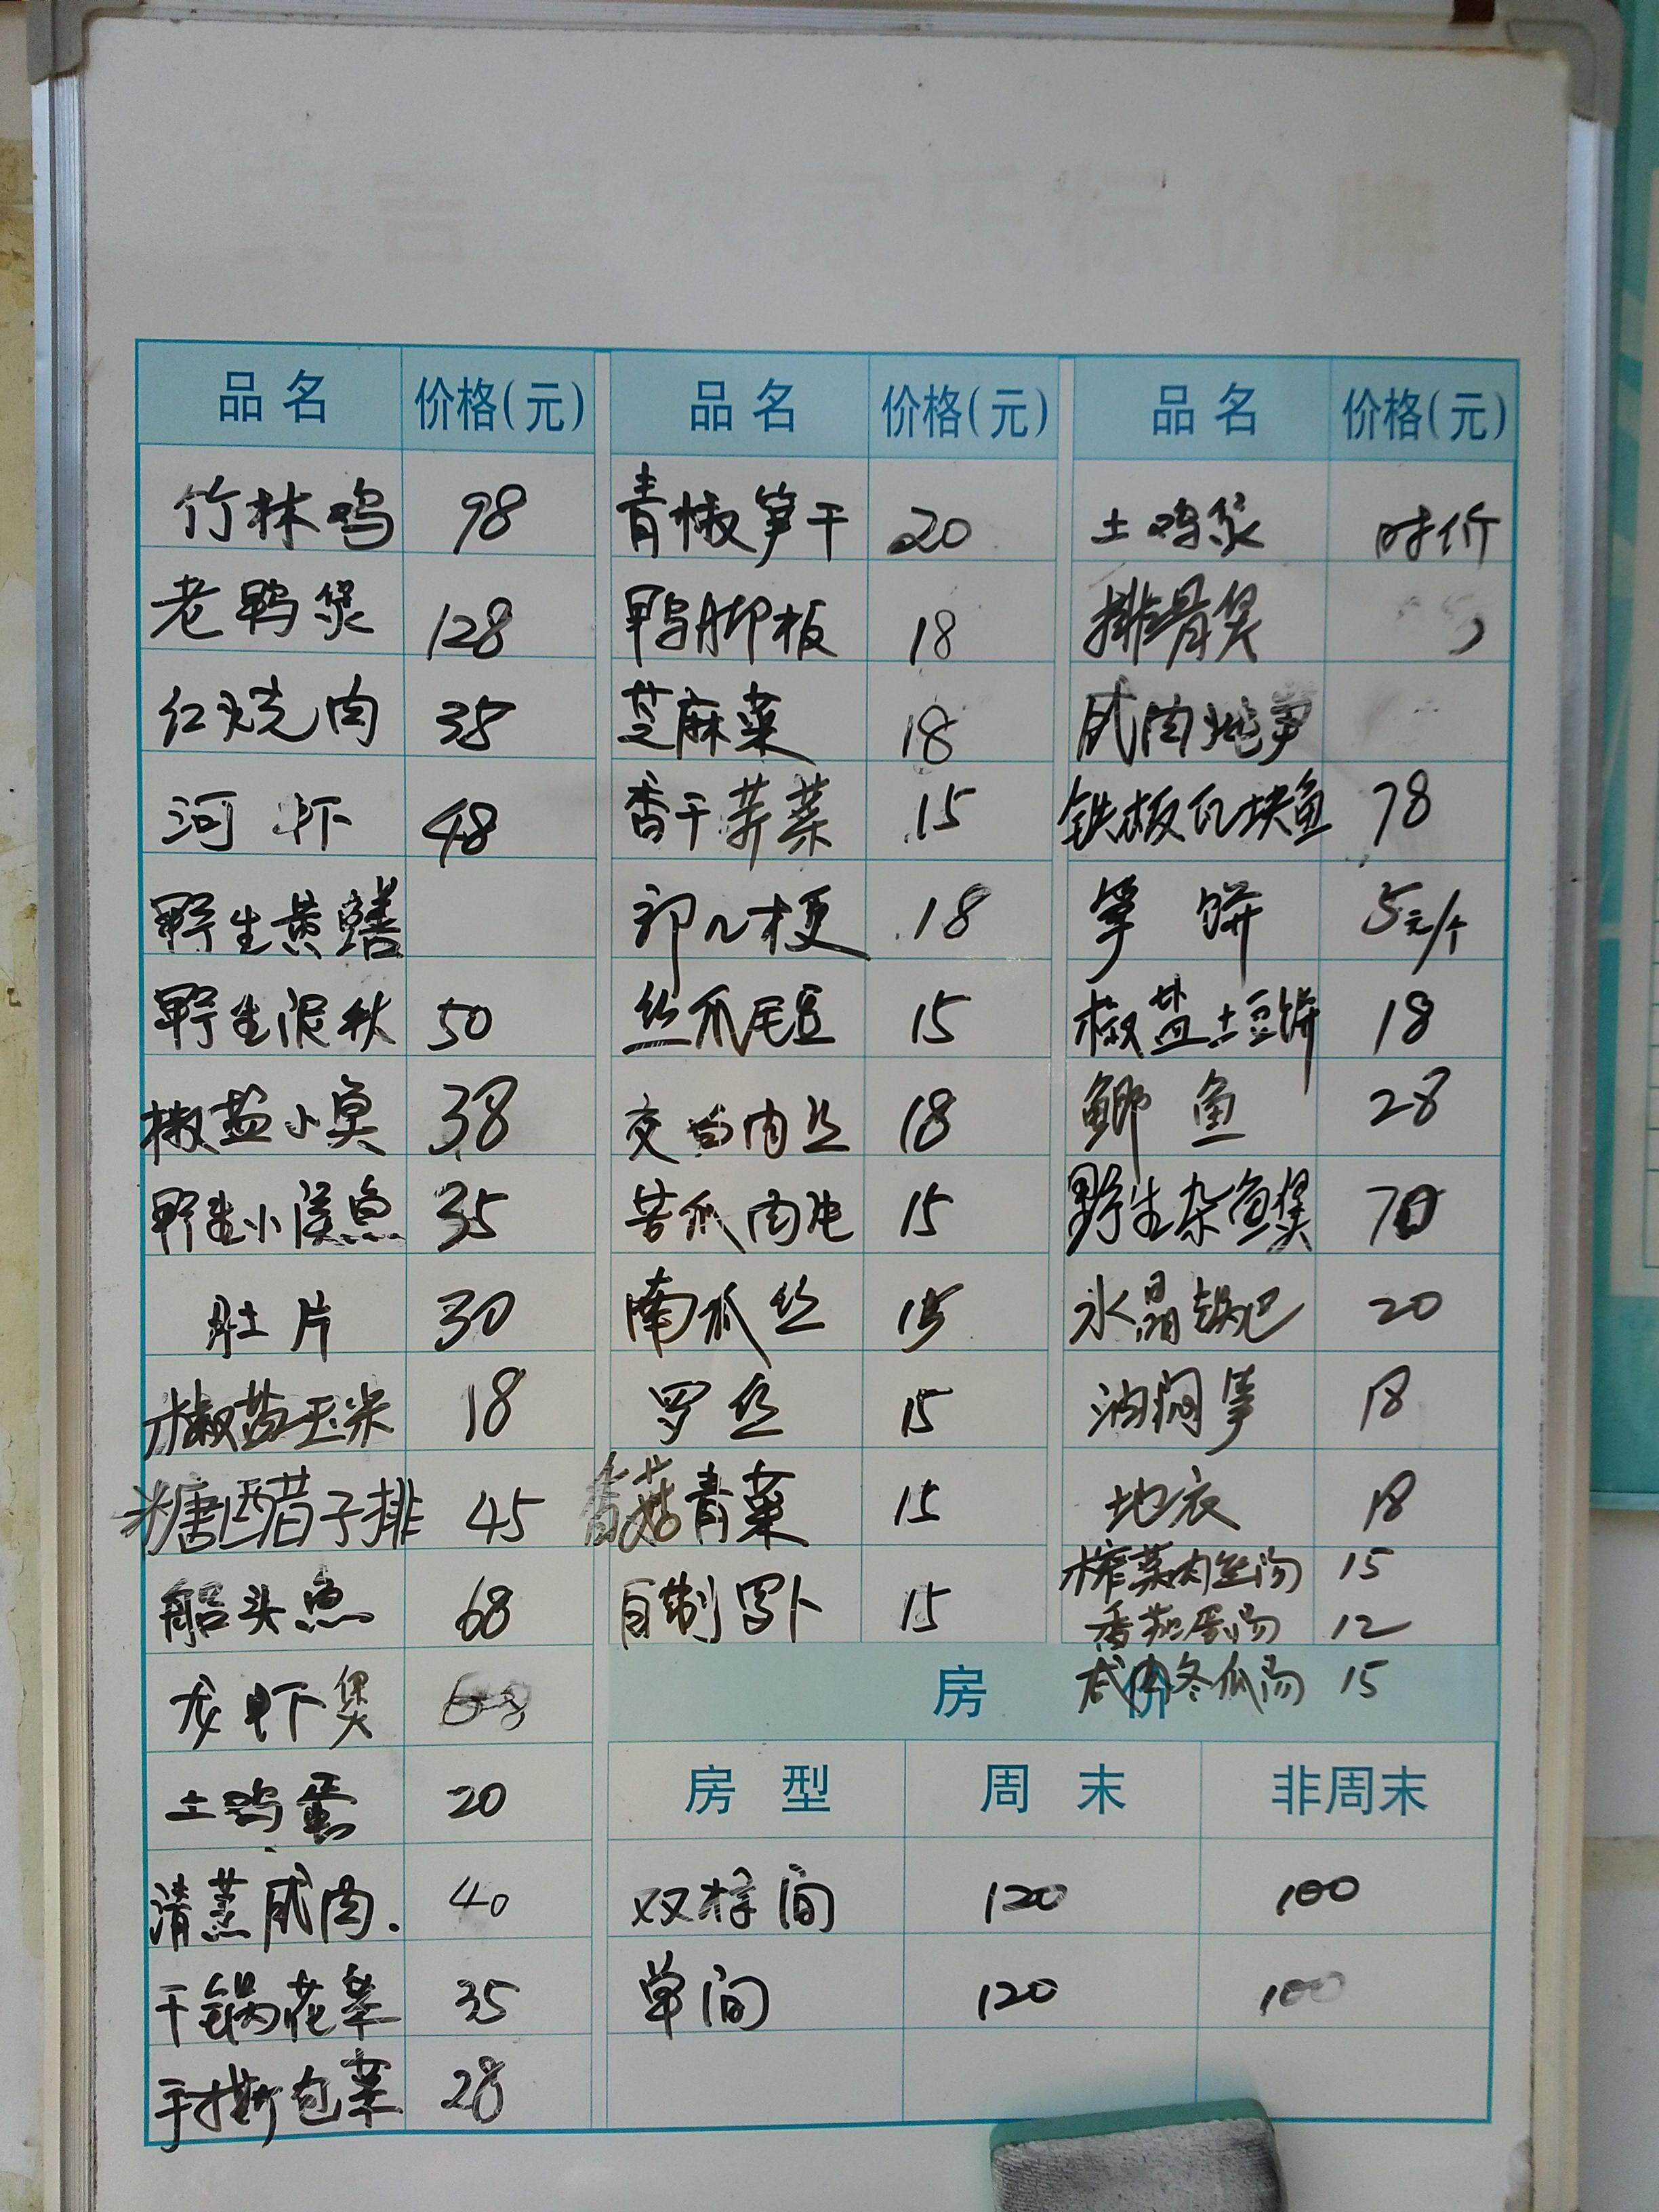 客栈餐厅门口的菜单